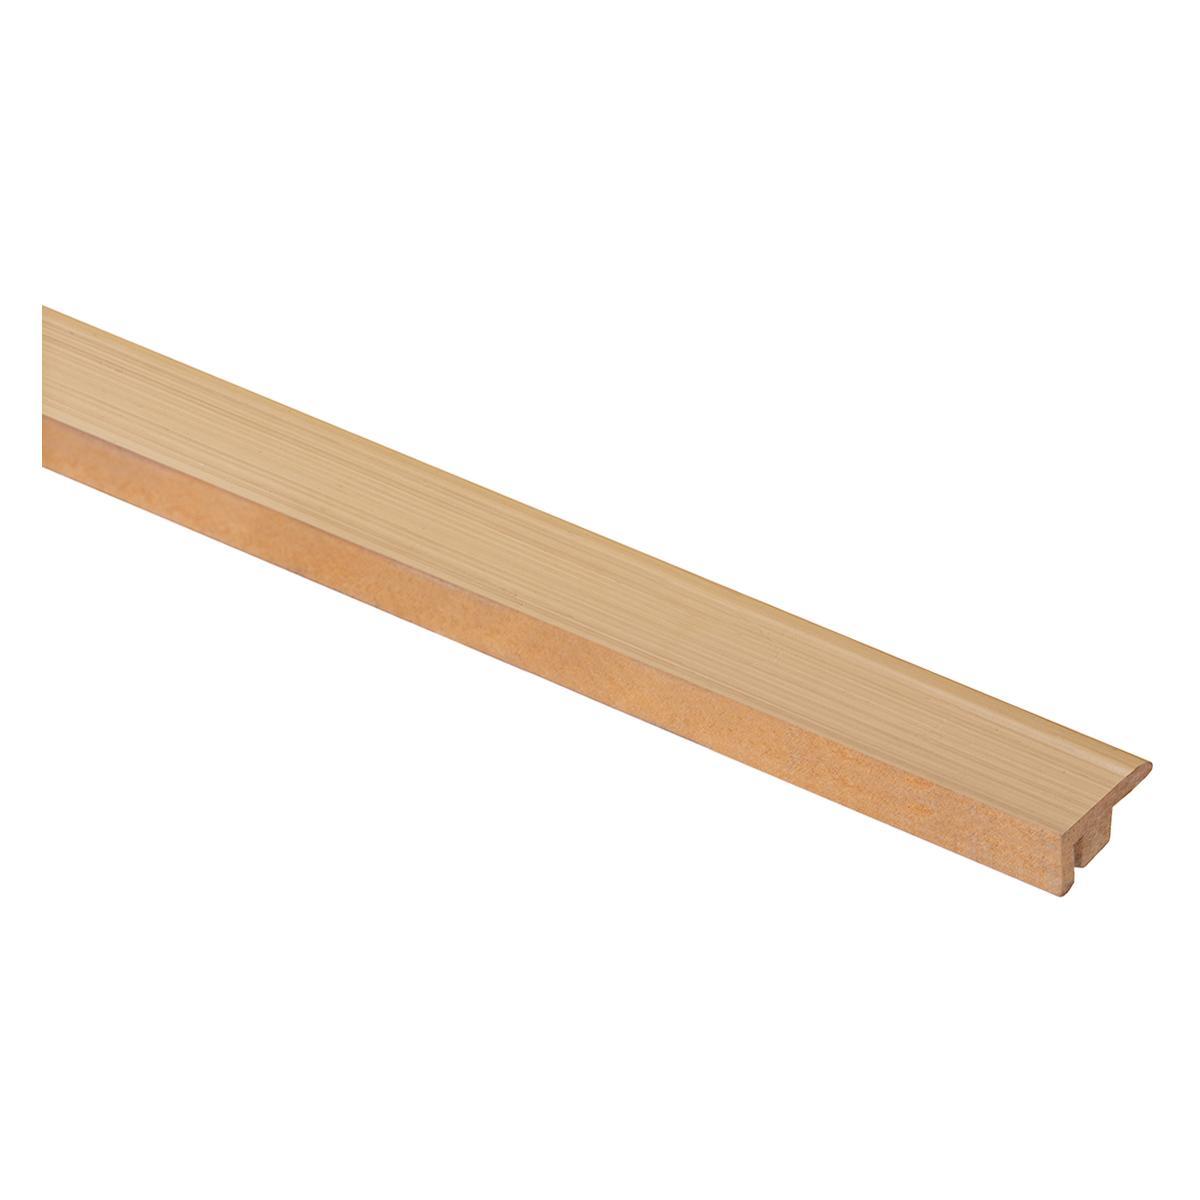 Perfil De Terminación European Classic Roble Linear Mate - 5X200 cm